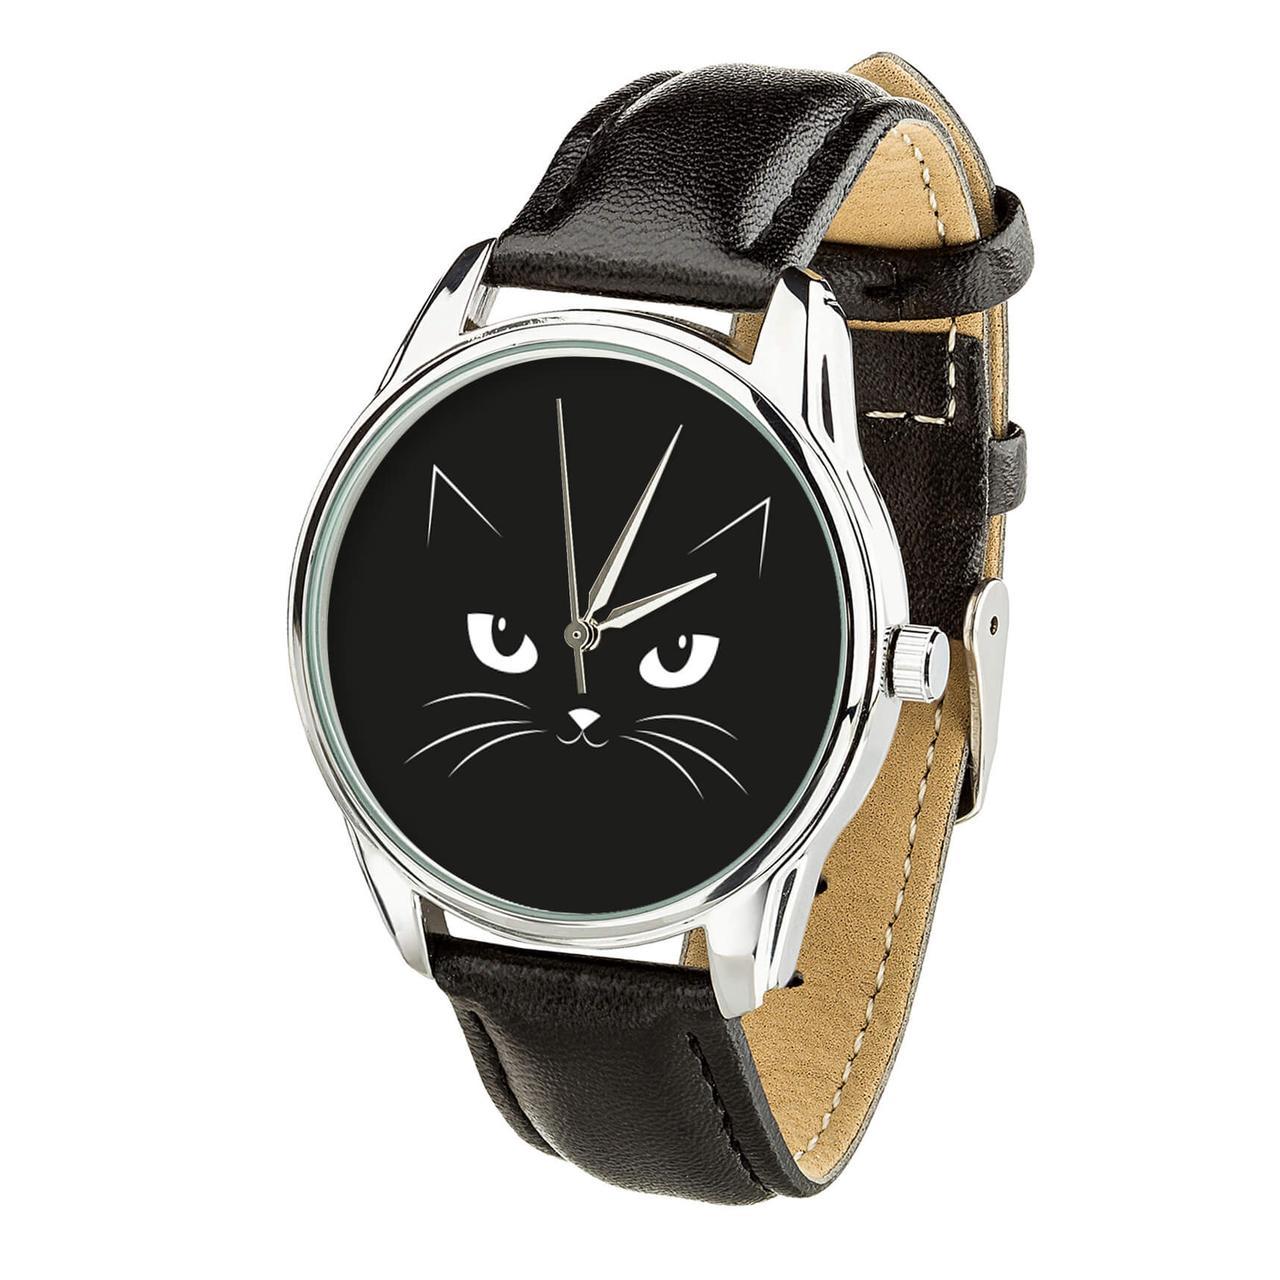 Годинник ZIZ Котячий (ремінець насичено - чорний, срібло) + додатковий ремінець